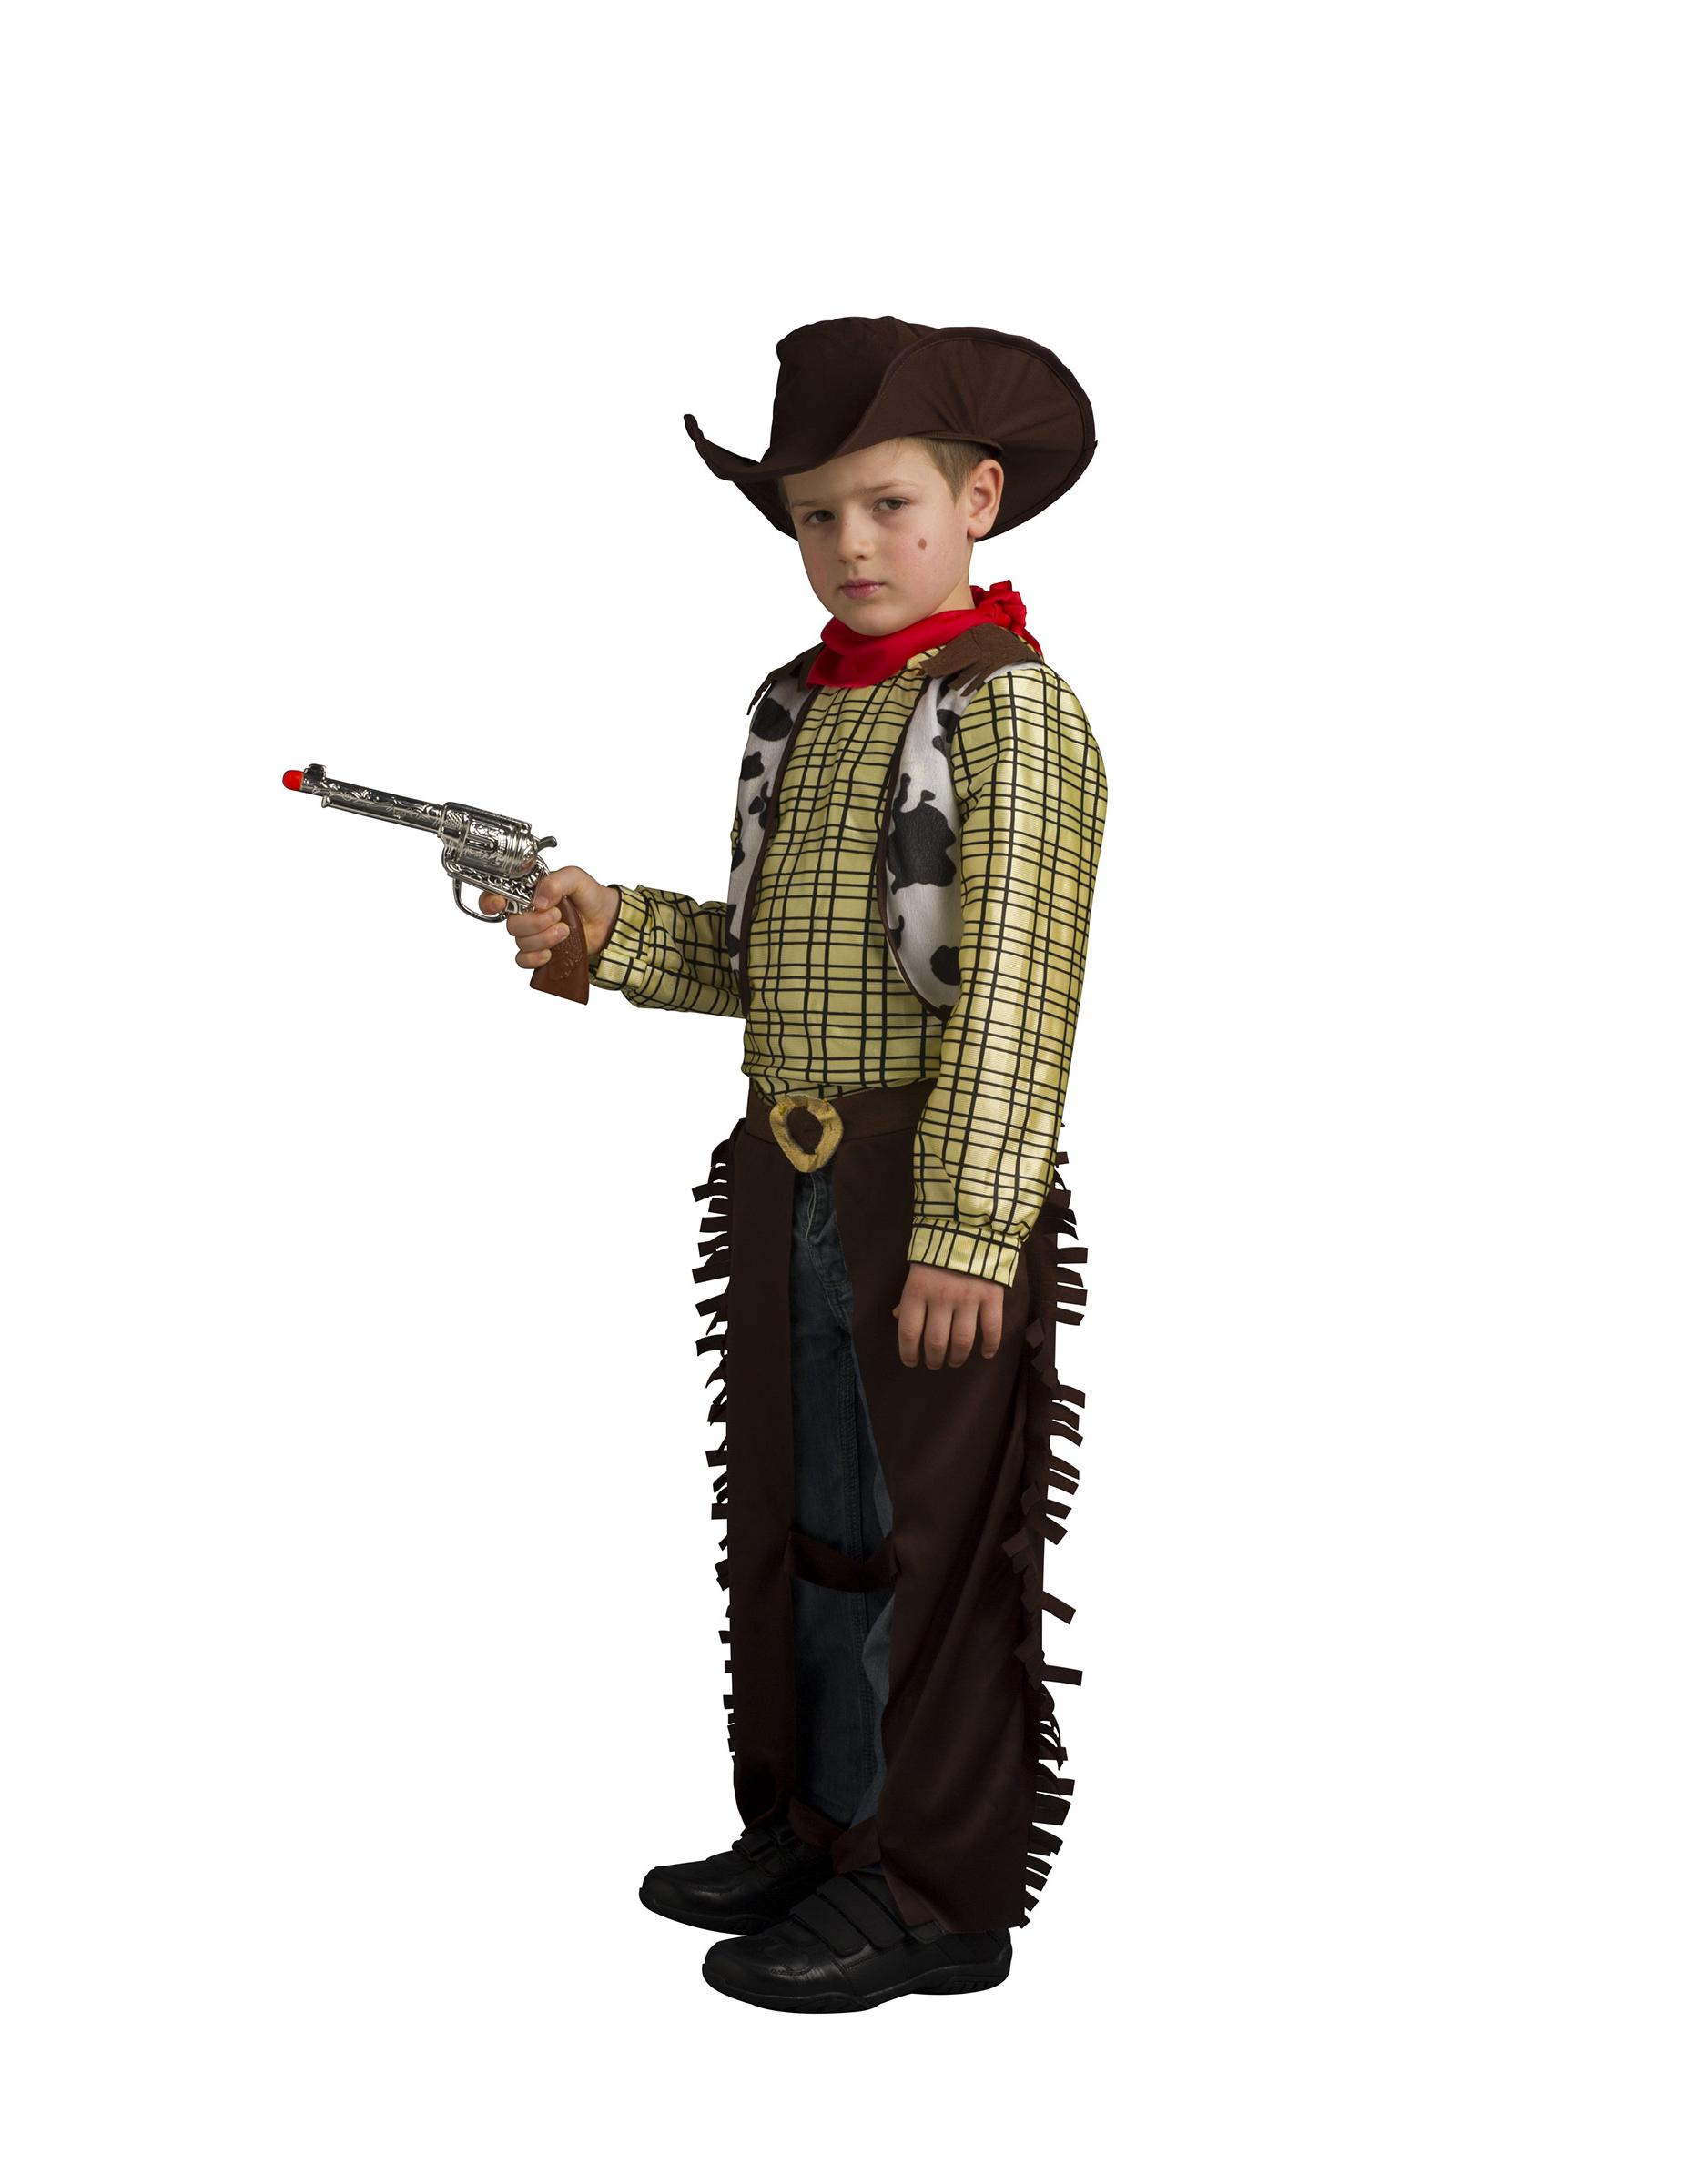 d guisement cowboy marron enfant gar on achat de d guisements enfants sur vegaoopro grossiste. Black Bedroom Furniture Sets. Home Design Ideas